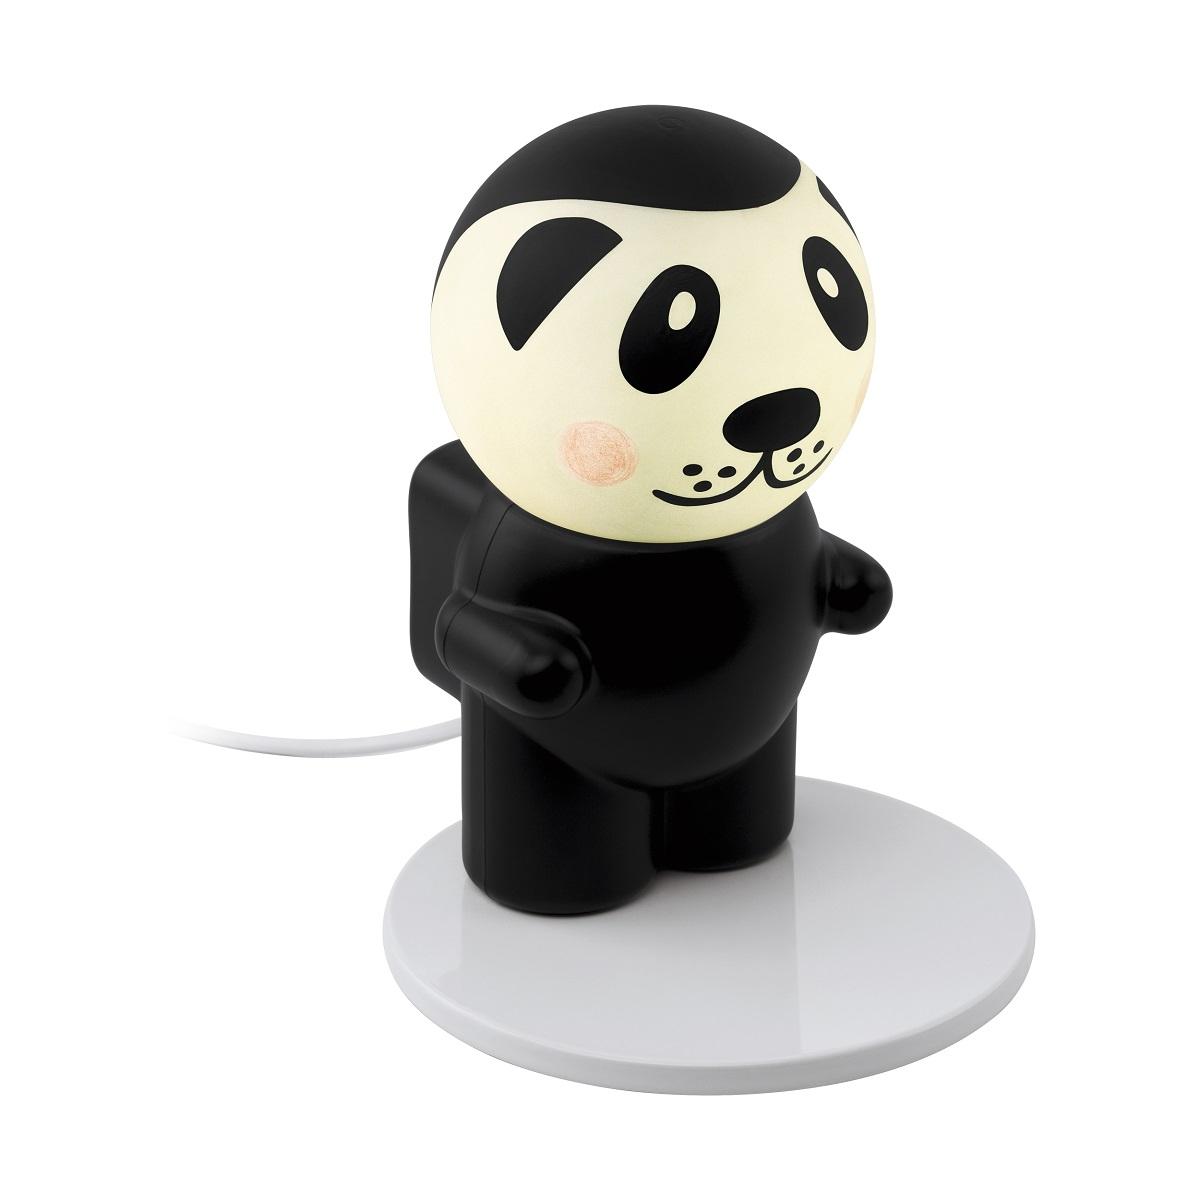 EGLO LED Kinder Dekorationslampe Fu Pan, Schwarz/weiß, Kunststoff/Stahl, 96867 | Kinderzimmer > Kinderzimmerdekoration